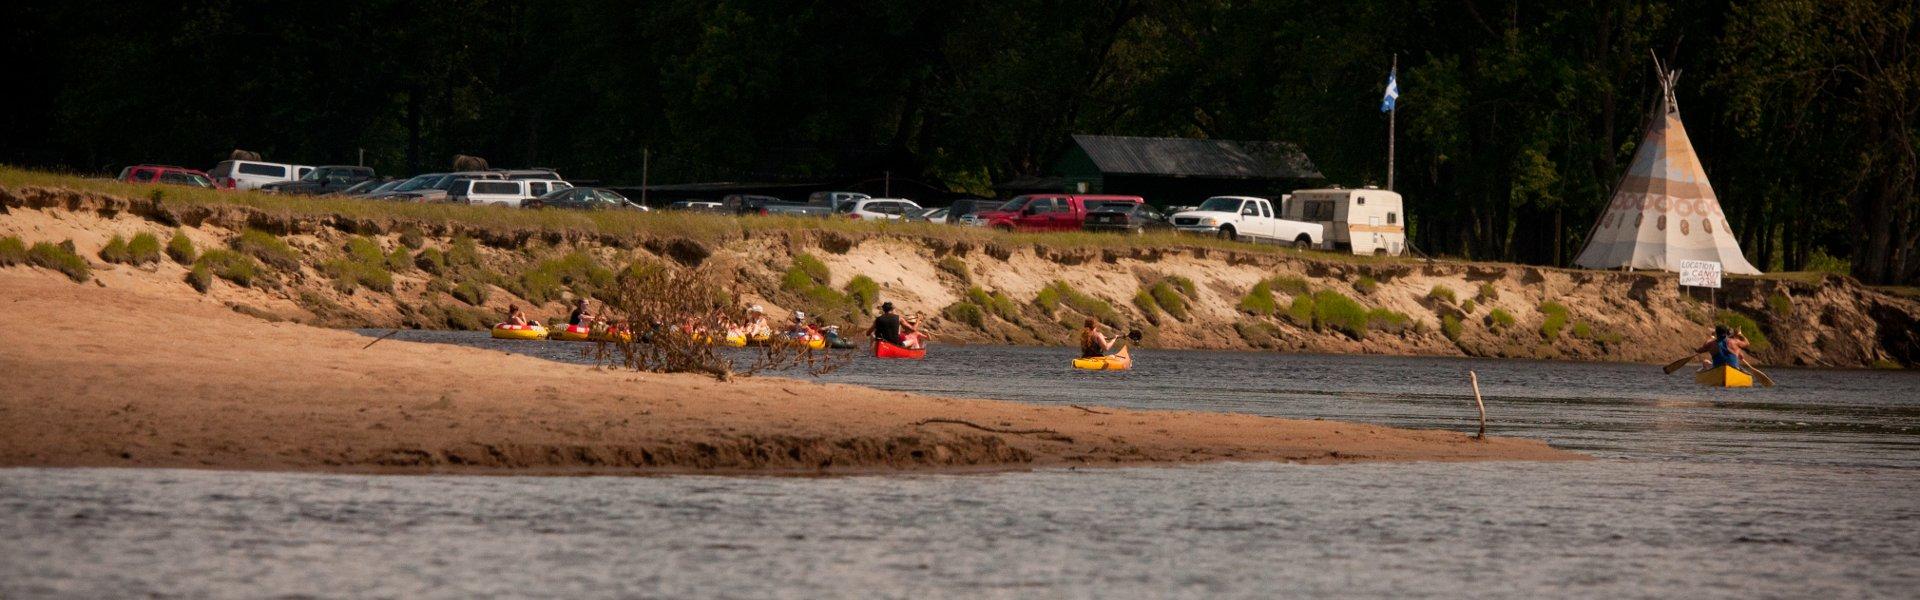 Arrivée en canot et kayak au poste d'accueil sur la rivière Rouge